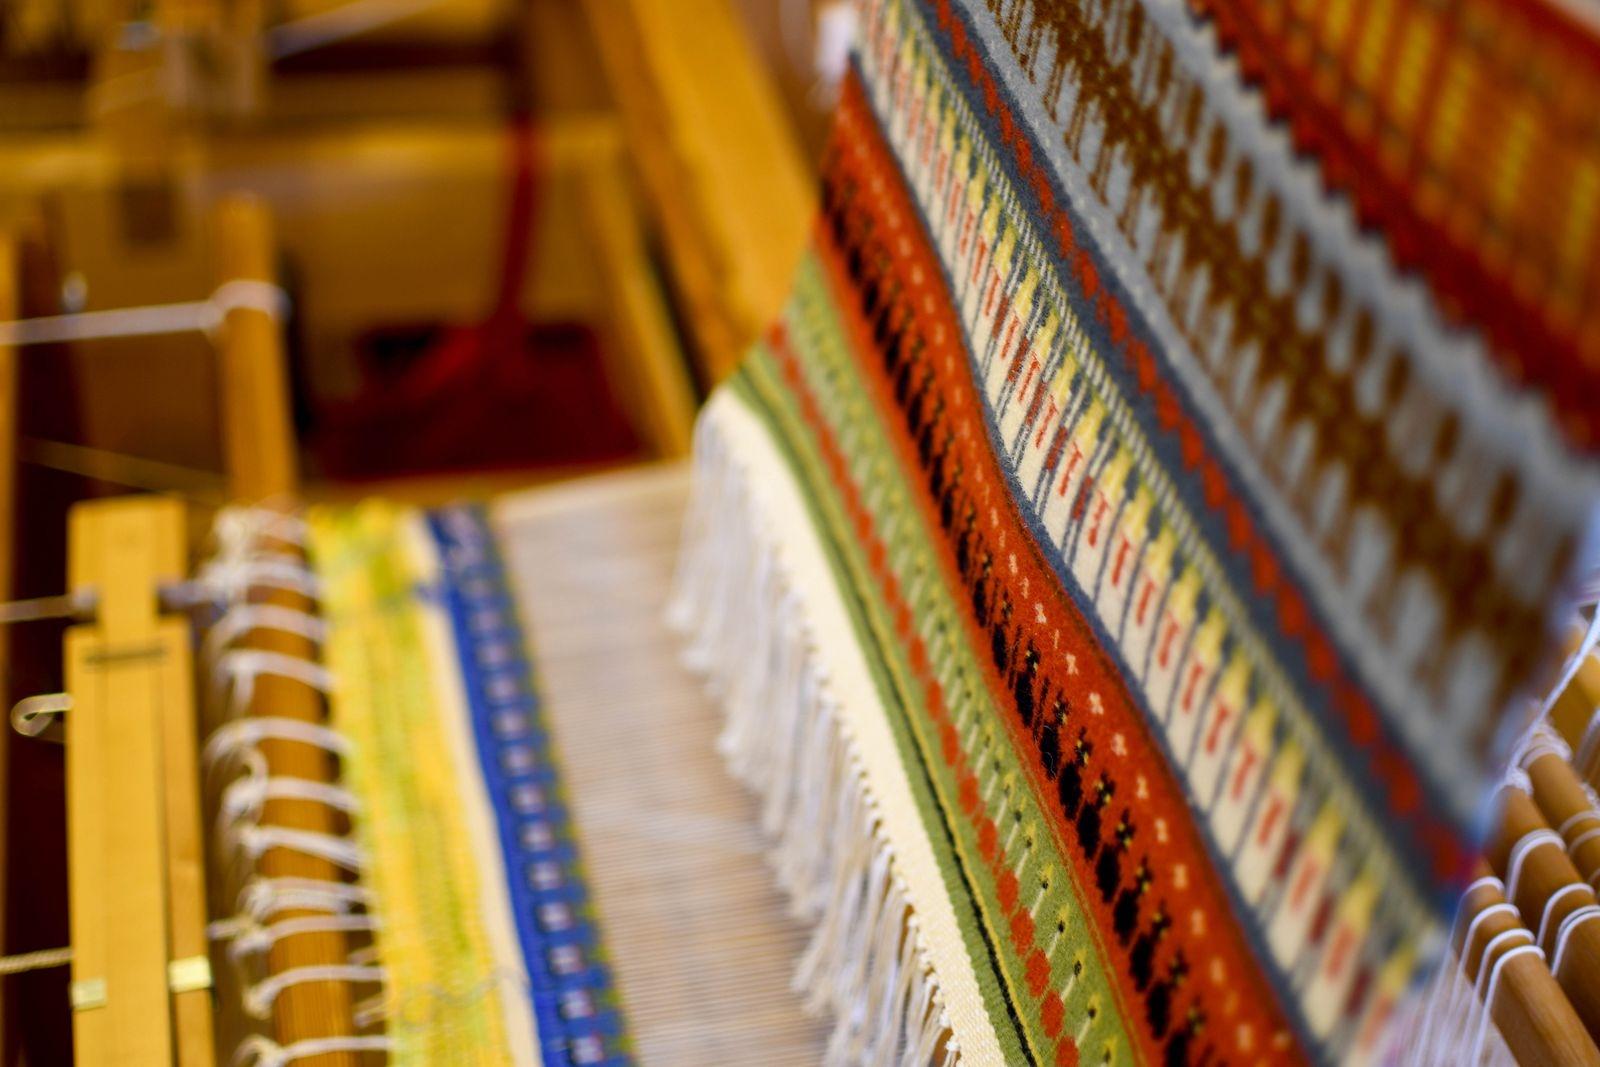 I vävstolarna skapas inte bara vackra dukar och handdukar utan även ponchos, sjalar, plädar och underlägg. På bilden syns ett gubbatäcke.